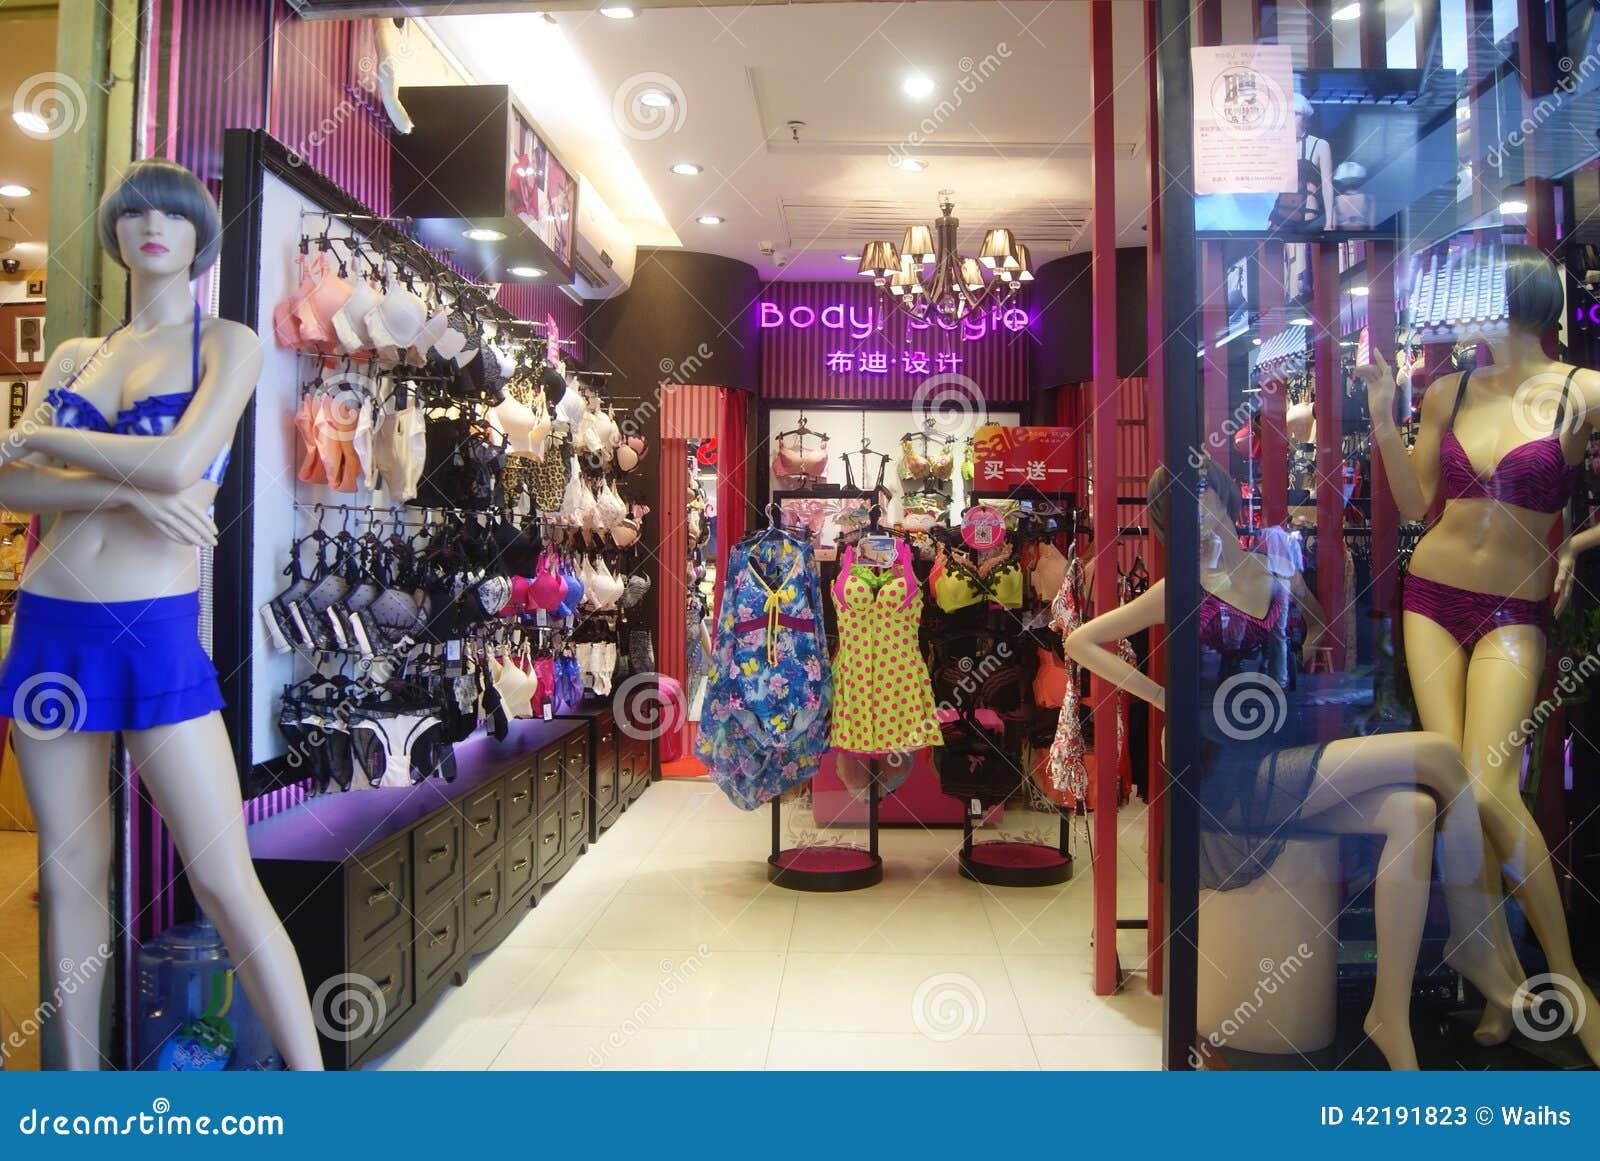 Shenzhen China Female Underwear Shop Editorial Stock